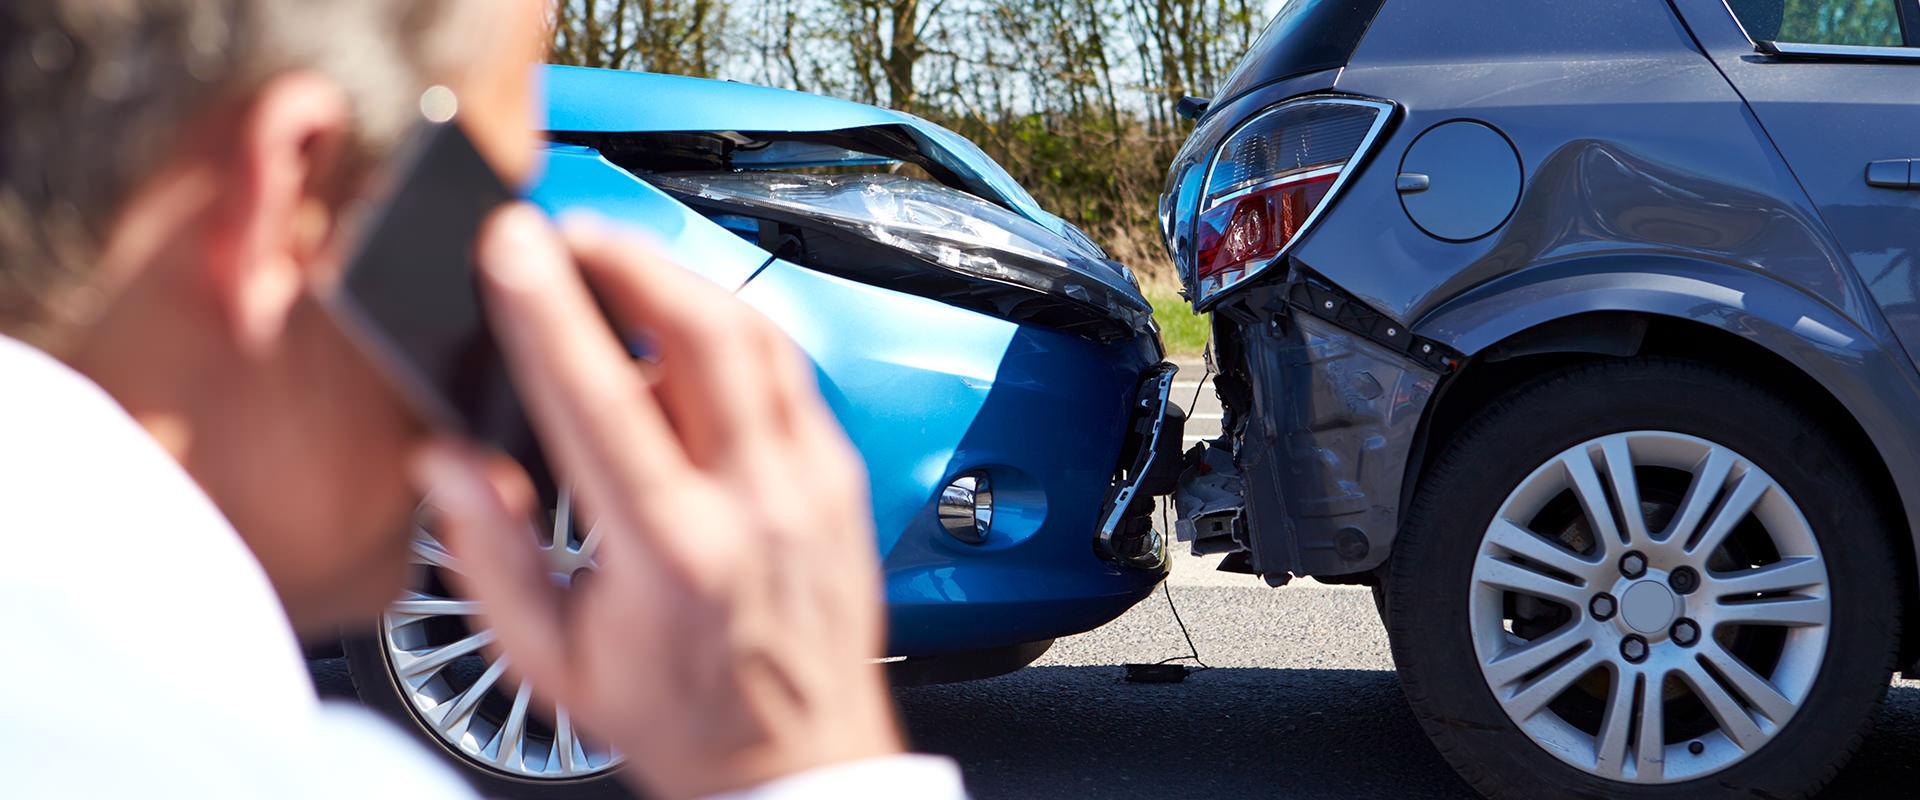 98%の方が初めての交通事故